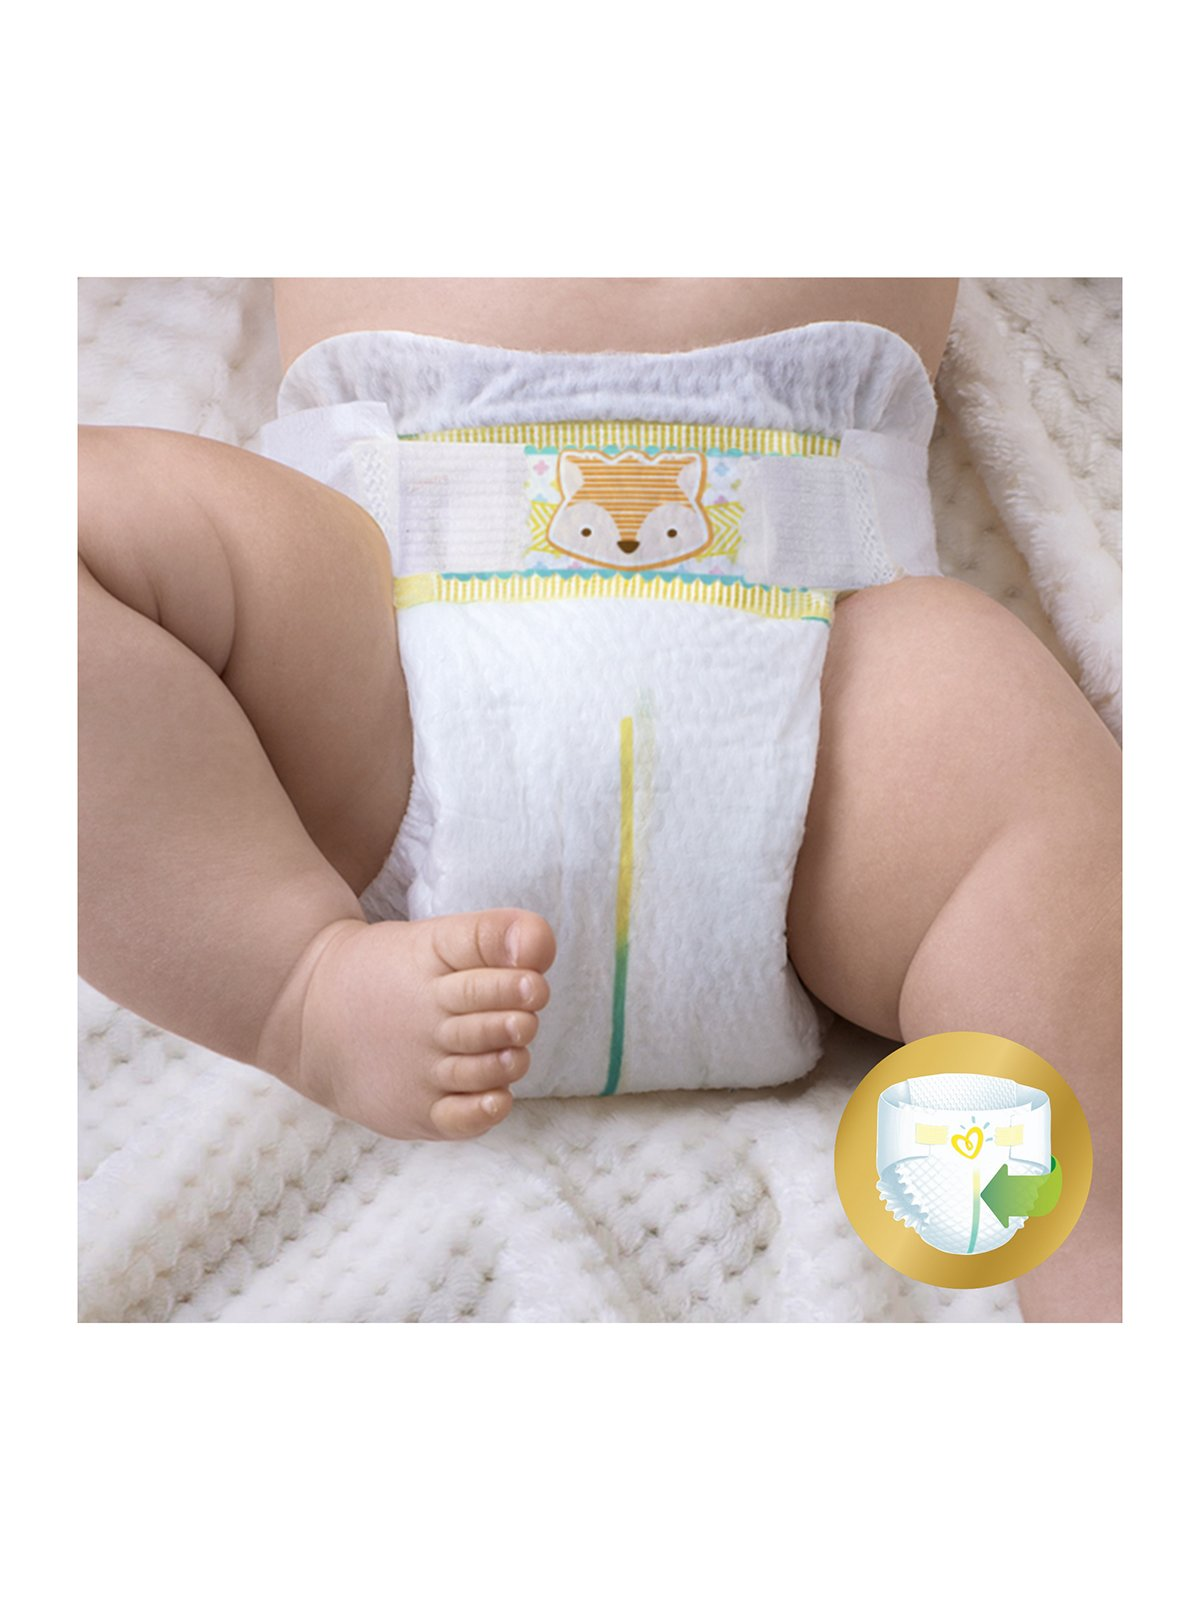 Підгузки Premium Care New Born - розмір 2 (для новонароджених) 3-6 кг (80 шт.) | 3670181 | фото 5